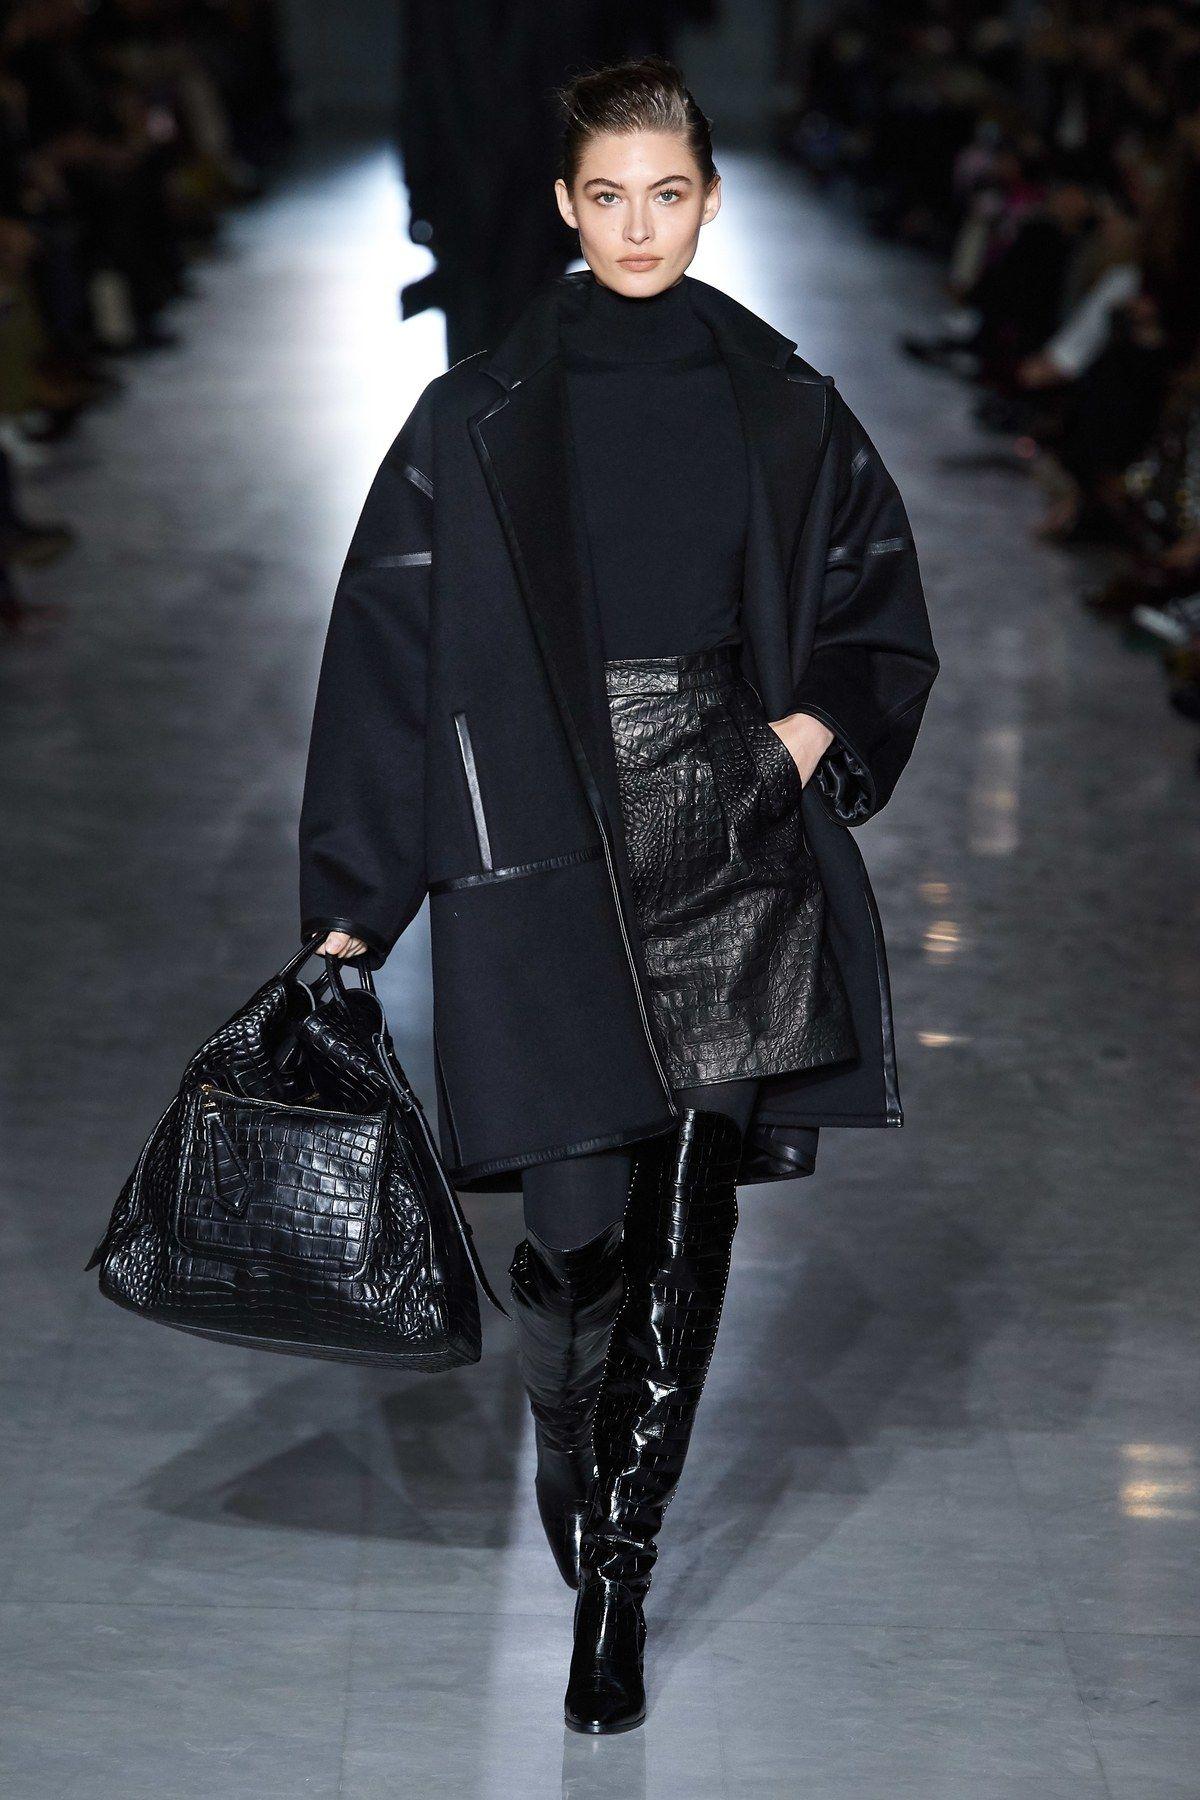 Prêt-à-porter Max Mara Autunno / Inverno 2019-2020 – Collezione | Vogue Germania